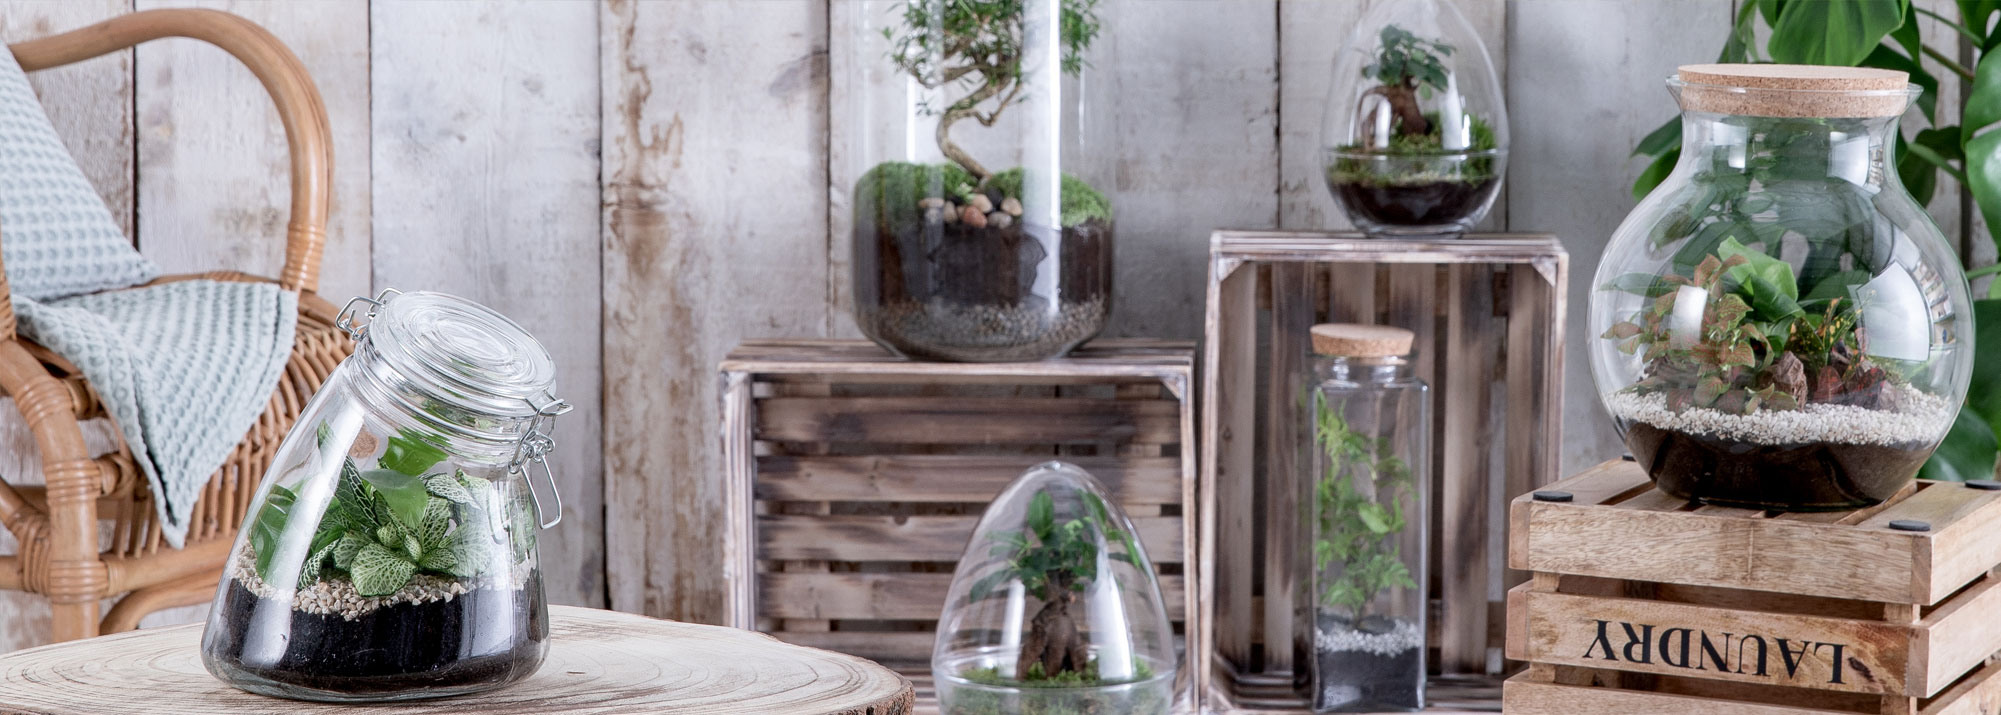 Terrarium Fermé Plante Grasse terrariums déco et mini-jardins de verre - botanic®